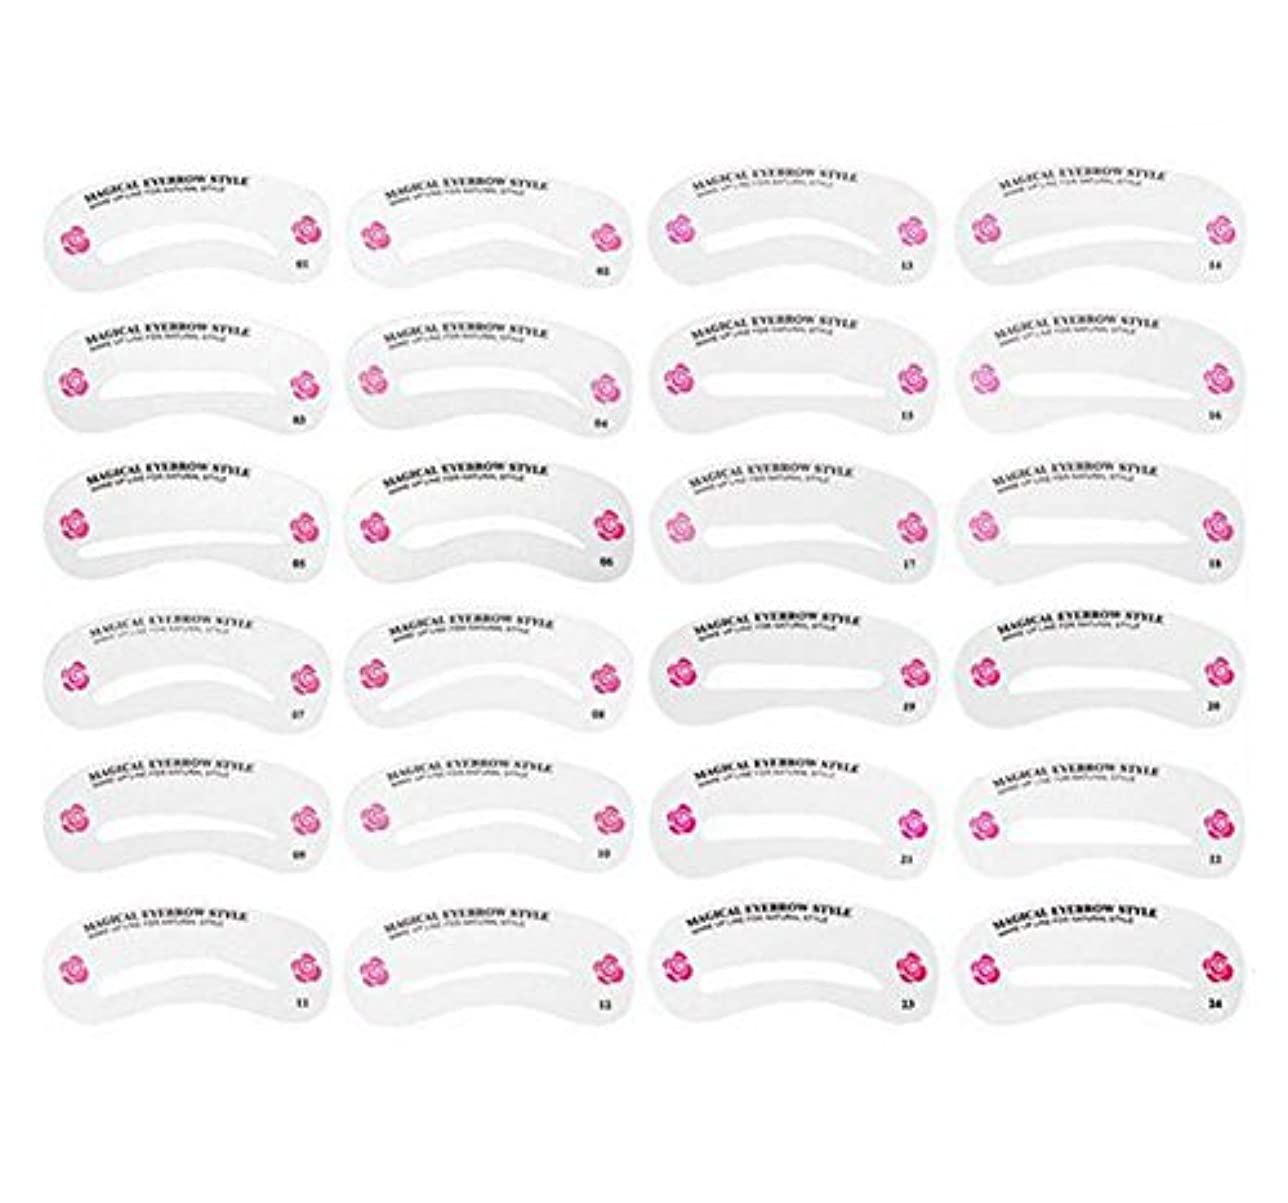 対立破滅的なほめる24PCS 眉毛ステンシル眉毛グルーミングステンシルカードキットソフトマジック簡単メイクシェーピングテンプレートDIY美容女性女の子のためのツールとレディース-24スタイル